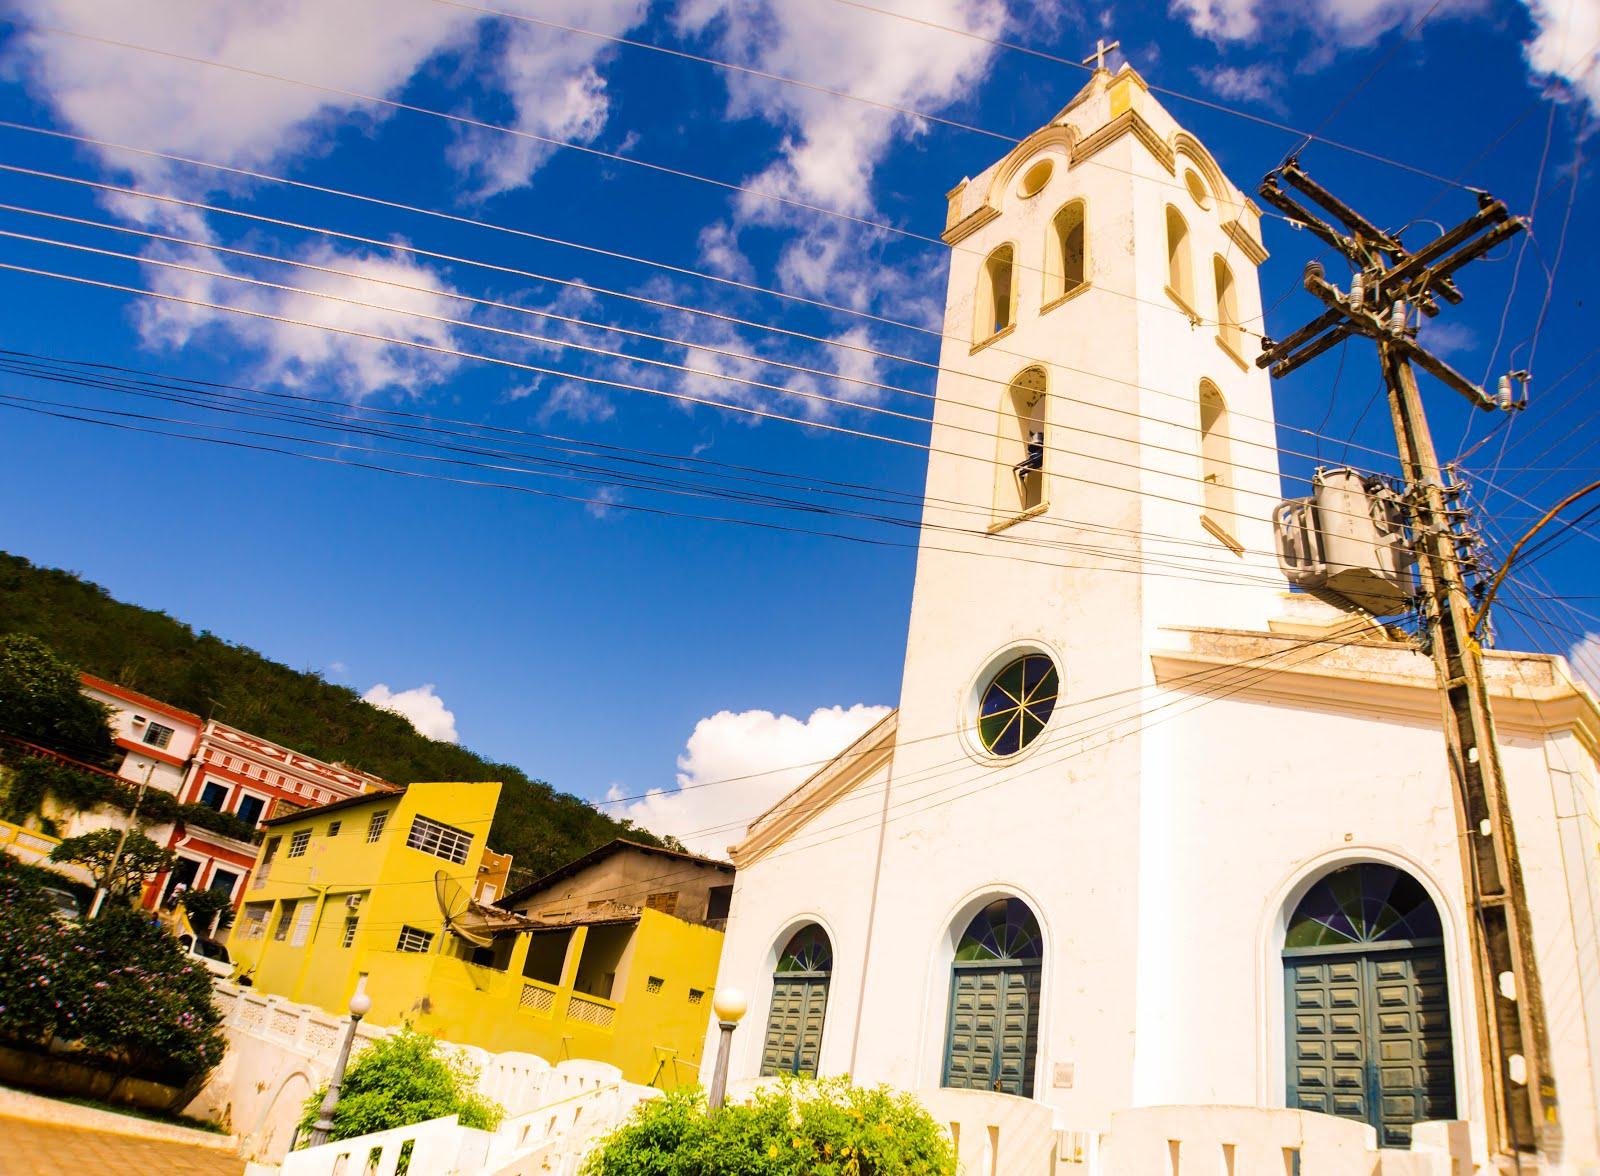 IGREJA DE PIRANHAS, ALAGOAS